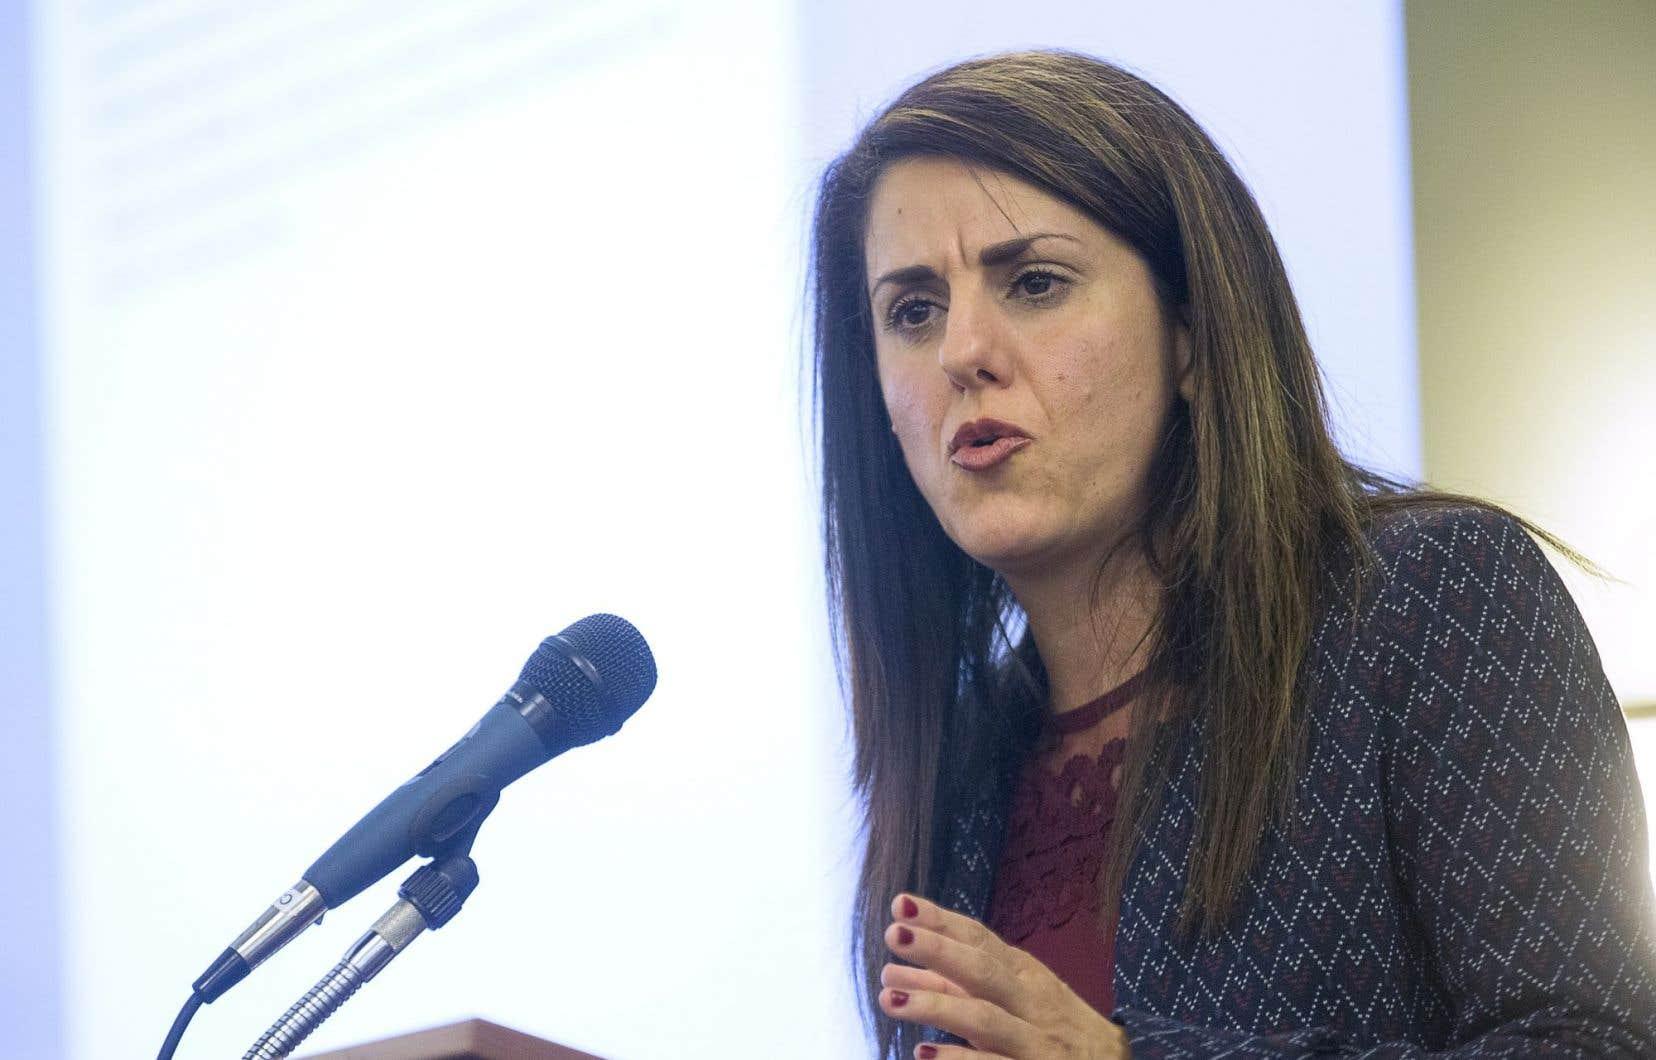 La militante et auteure Djemila Benhabib, membre du Rassemblement pour la laïcité, a déploré mercredi que les défenseurs de la laïcité soient souvent taxés d'islamophobes.